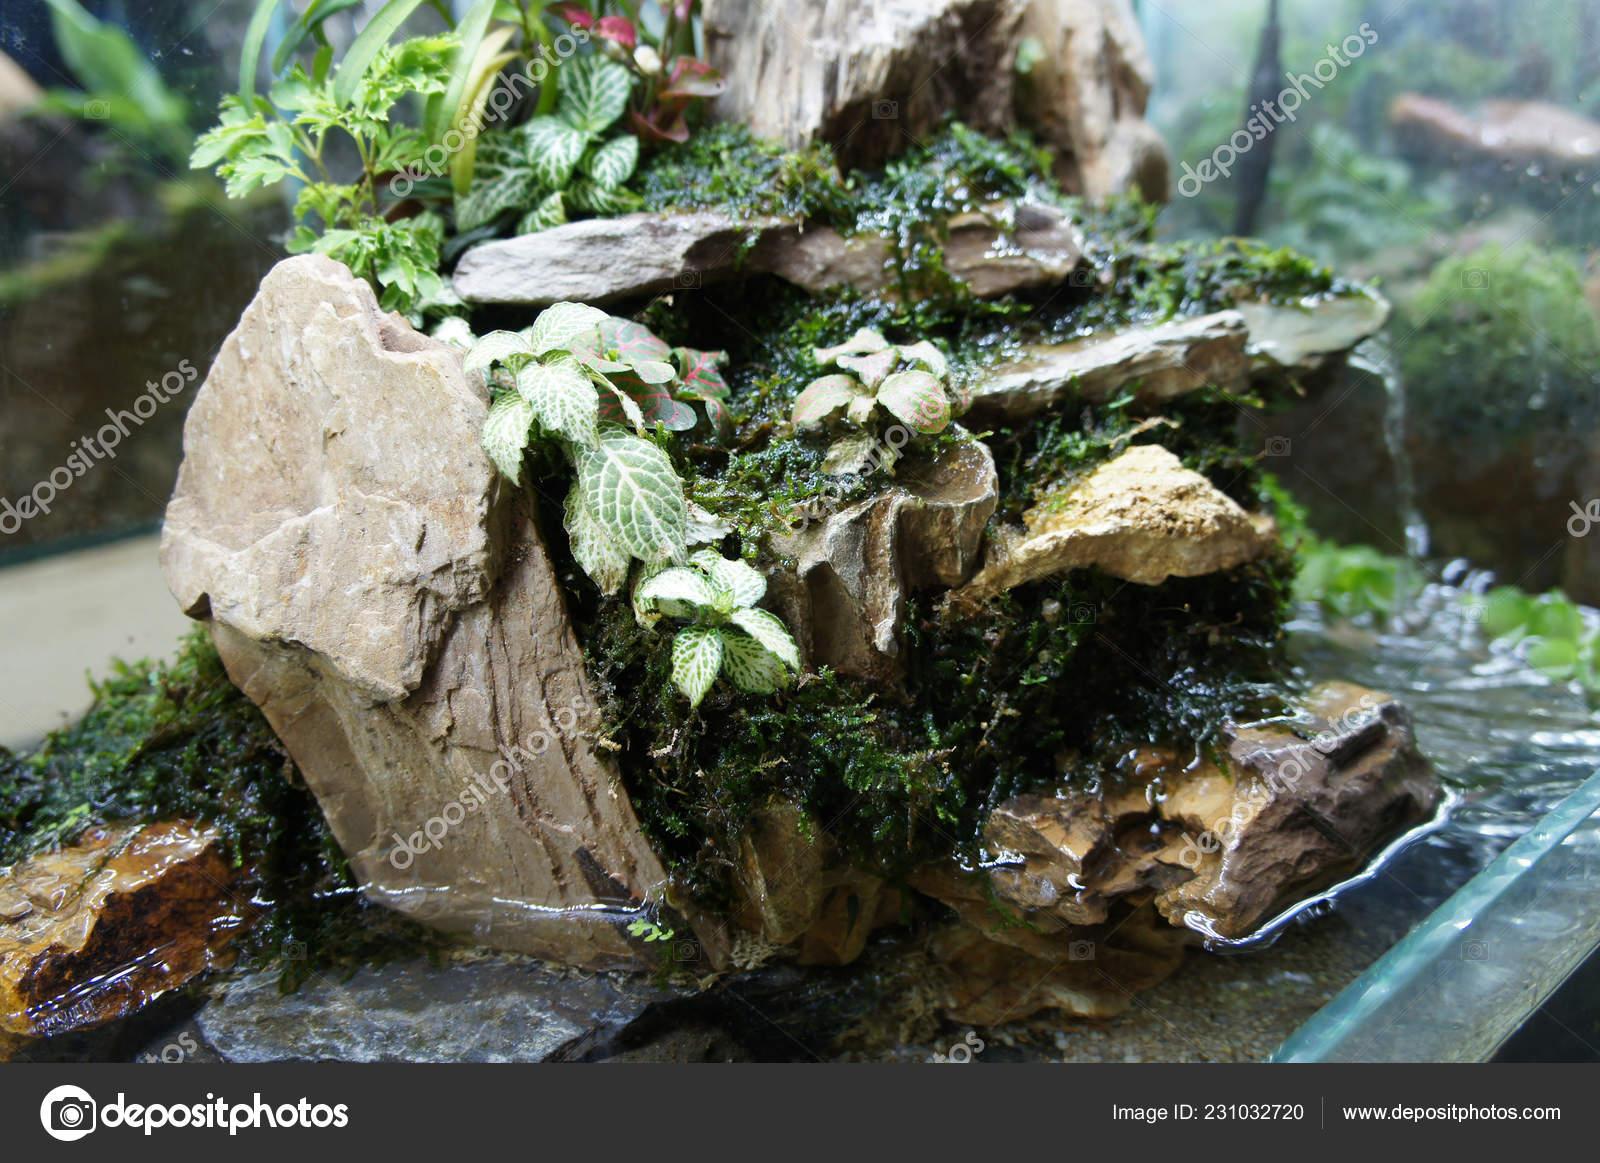 Aquascape Terrarium Design Small Glass Aquarium Displayed Public Stock Photo Image By C Aisyaqilumar 231032720